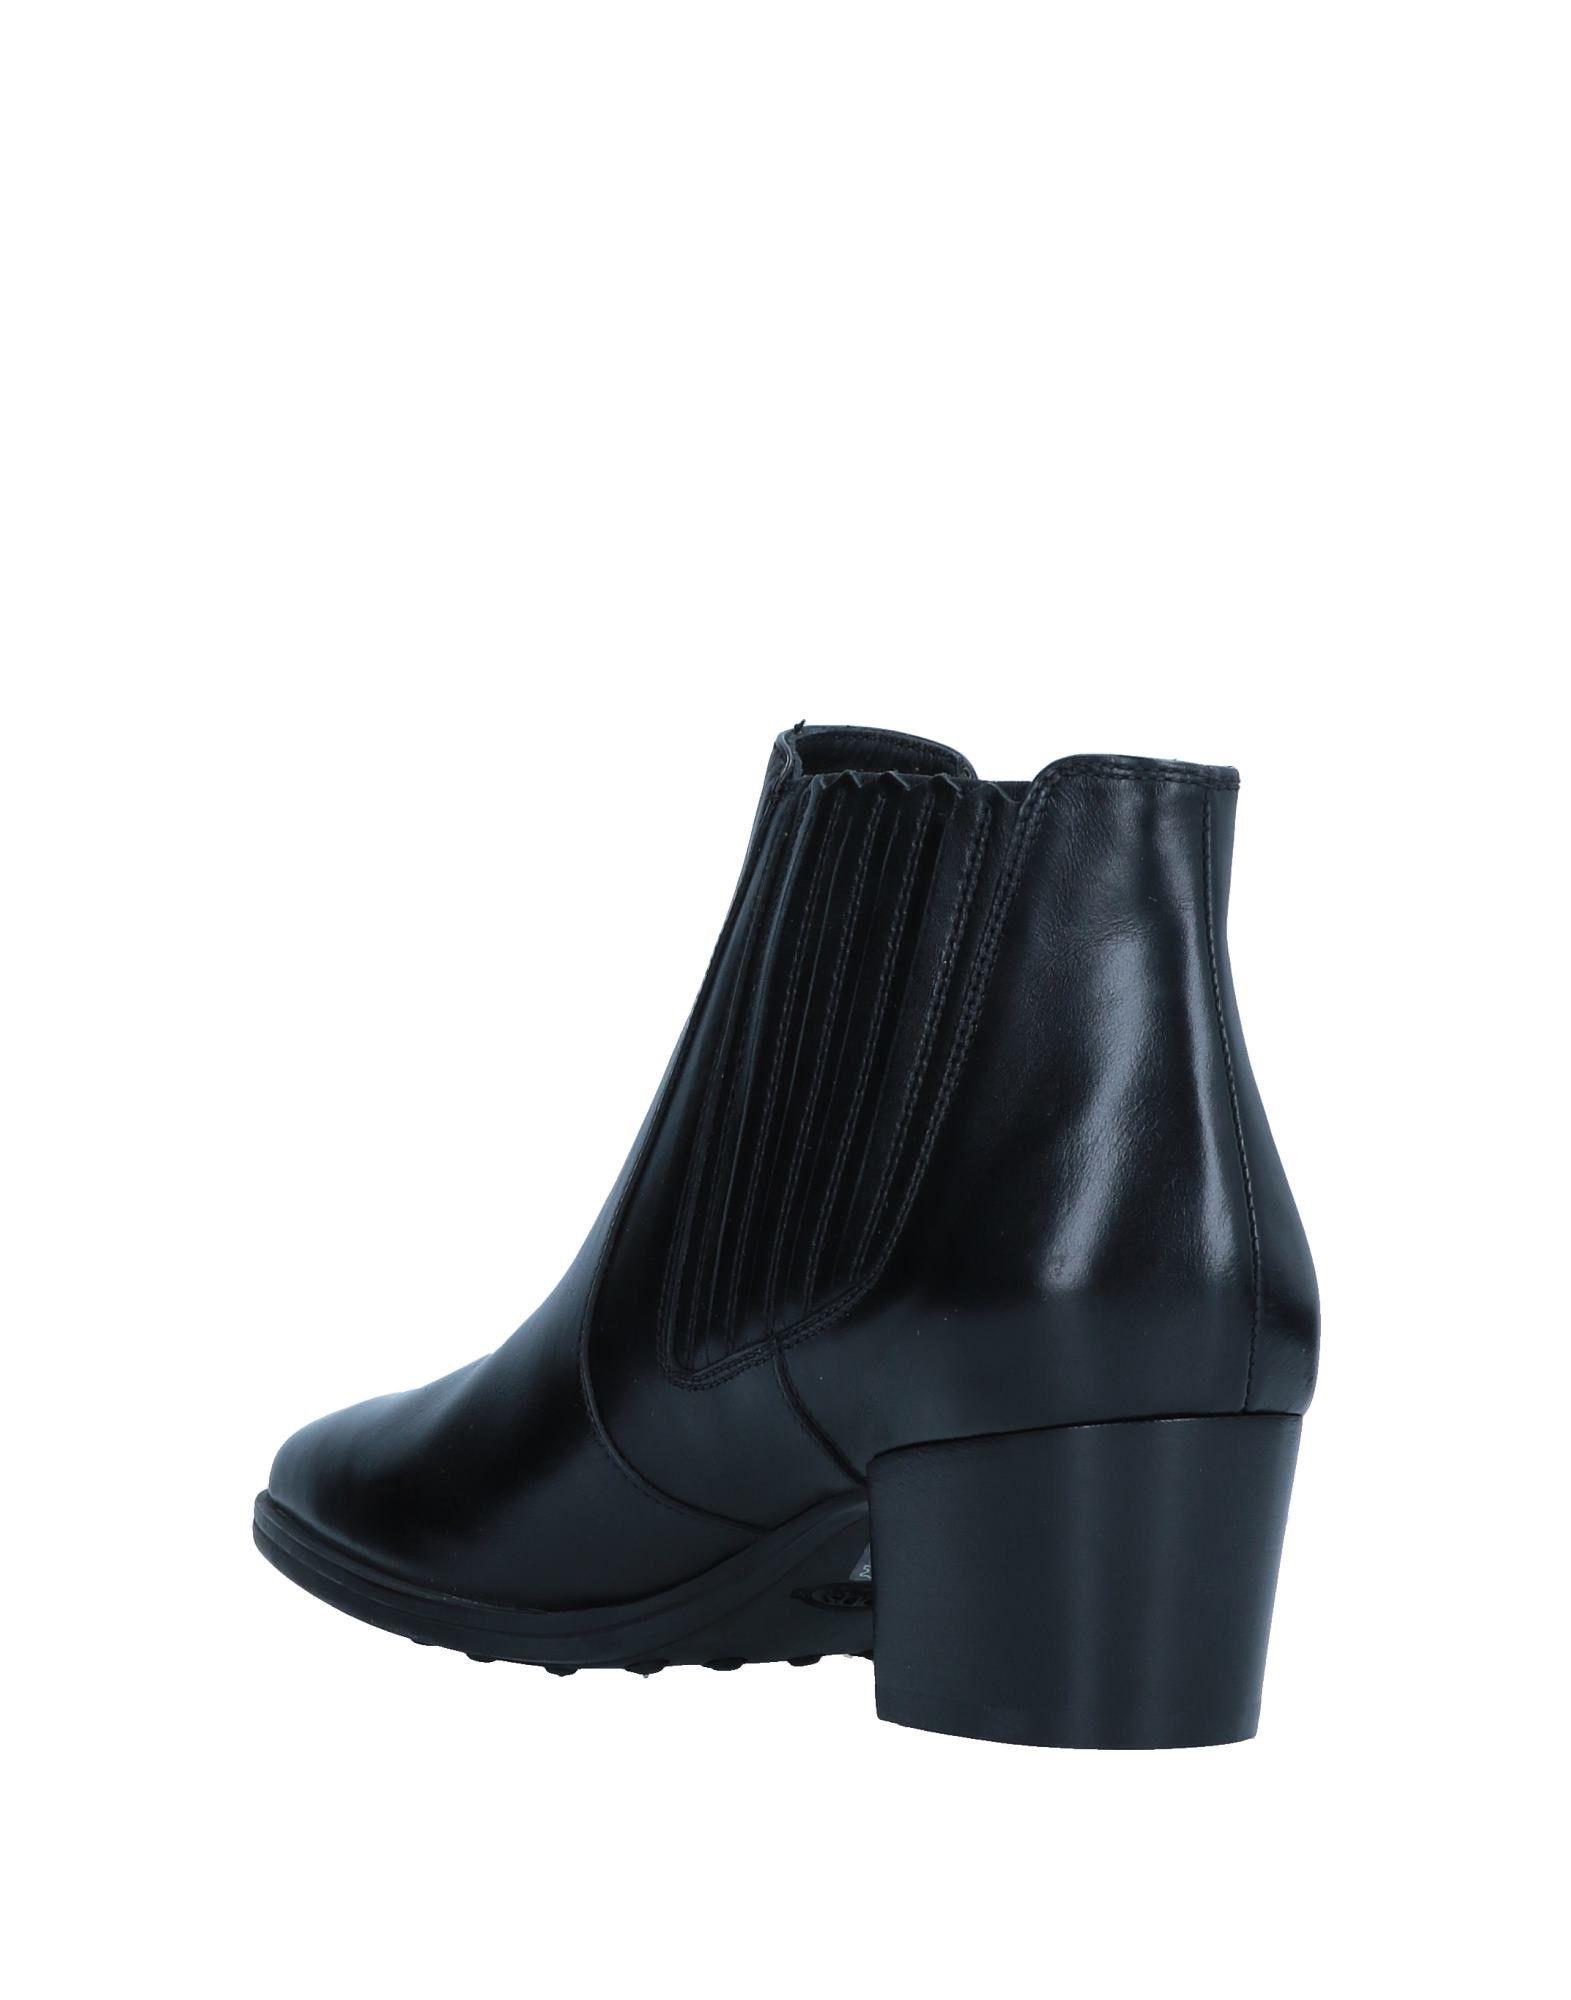 Tod's Stiefelette Damen gut  11542223DSGünstige gut Damen aussehende Schuhe 6f2092